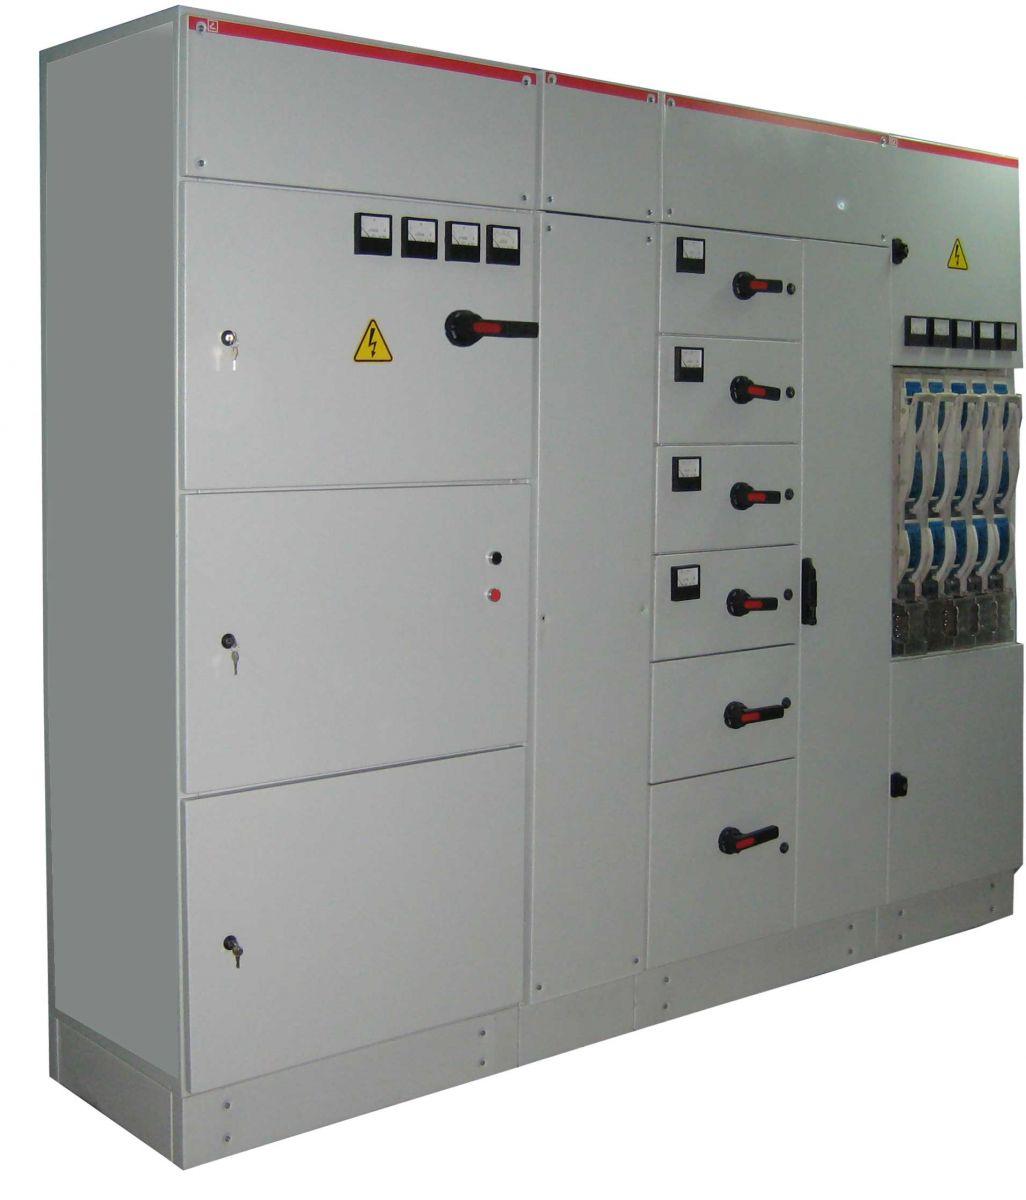 Electro - распределительные шкафы низкого напряжения ршнн 03.